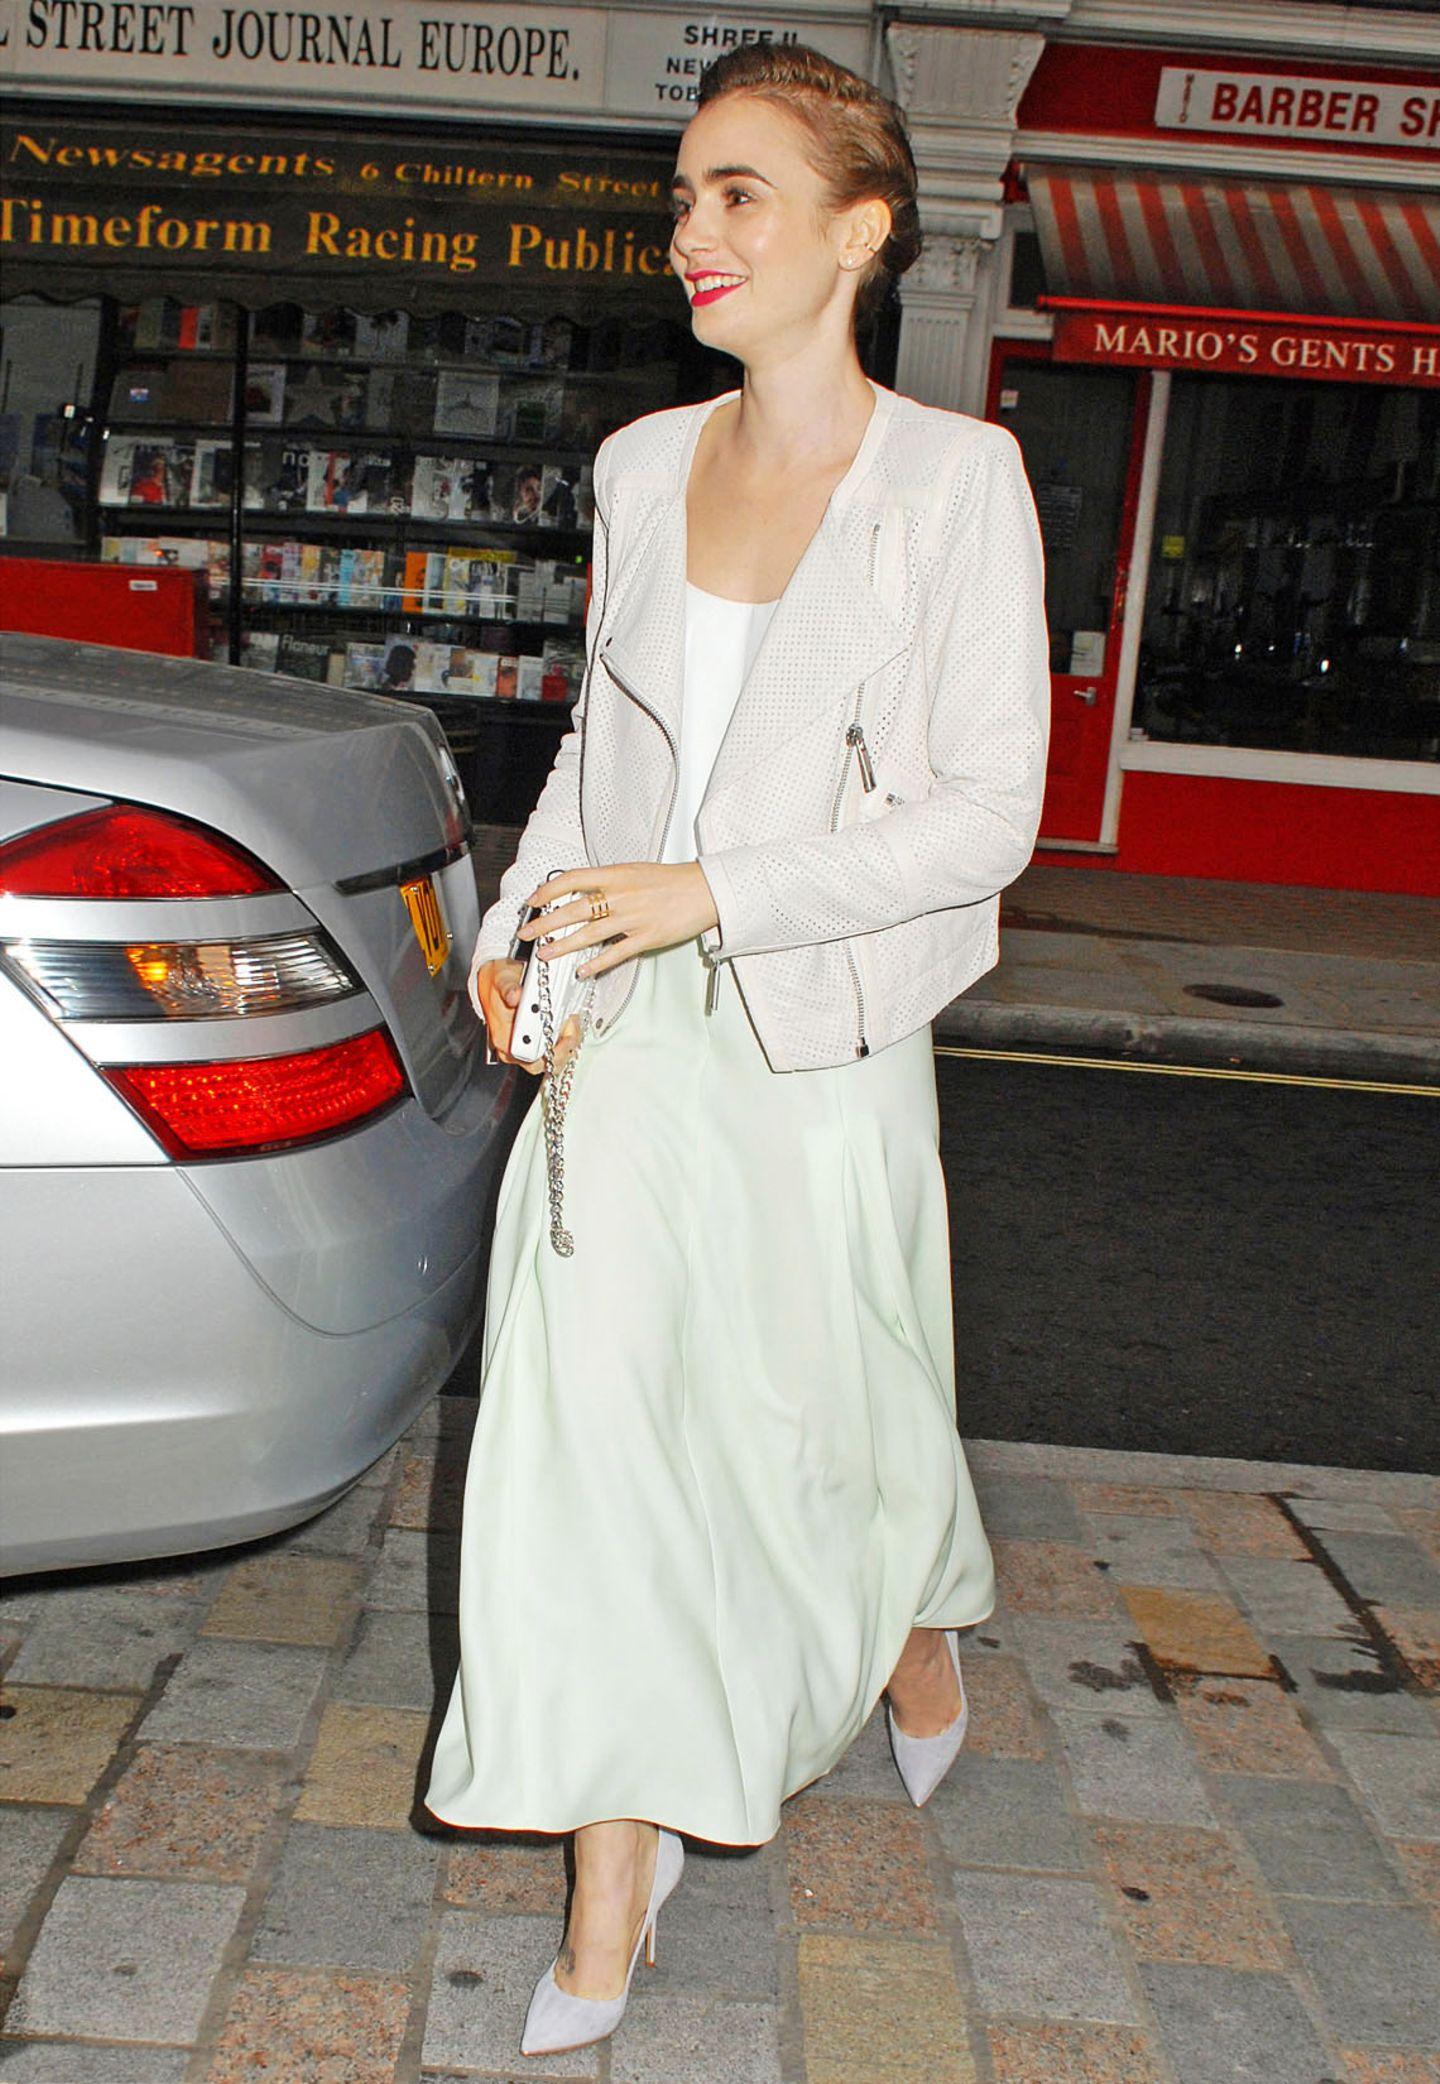 Ihren Ruf als moderne Elfe unterstreicht Lily Collins mit diesem Outfit in zarten Sommerfarben gekonnt. Die weiße Lederjacke mit Lochstanzungen ist ein toller Kontrast zum mintfarbenen Midirock.